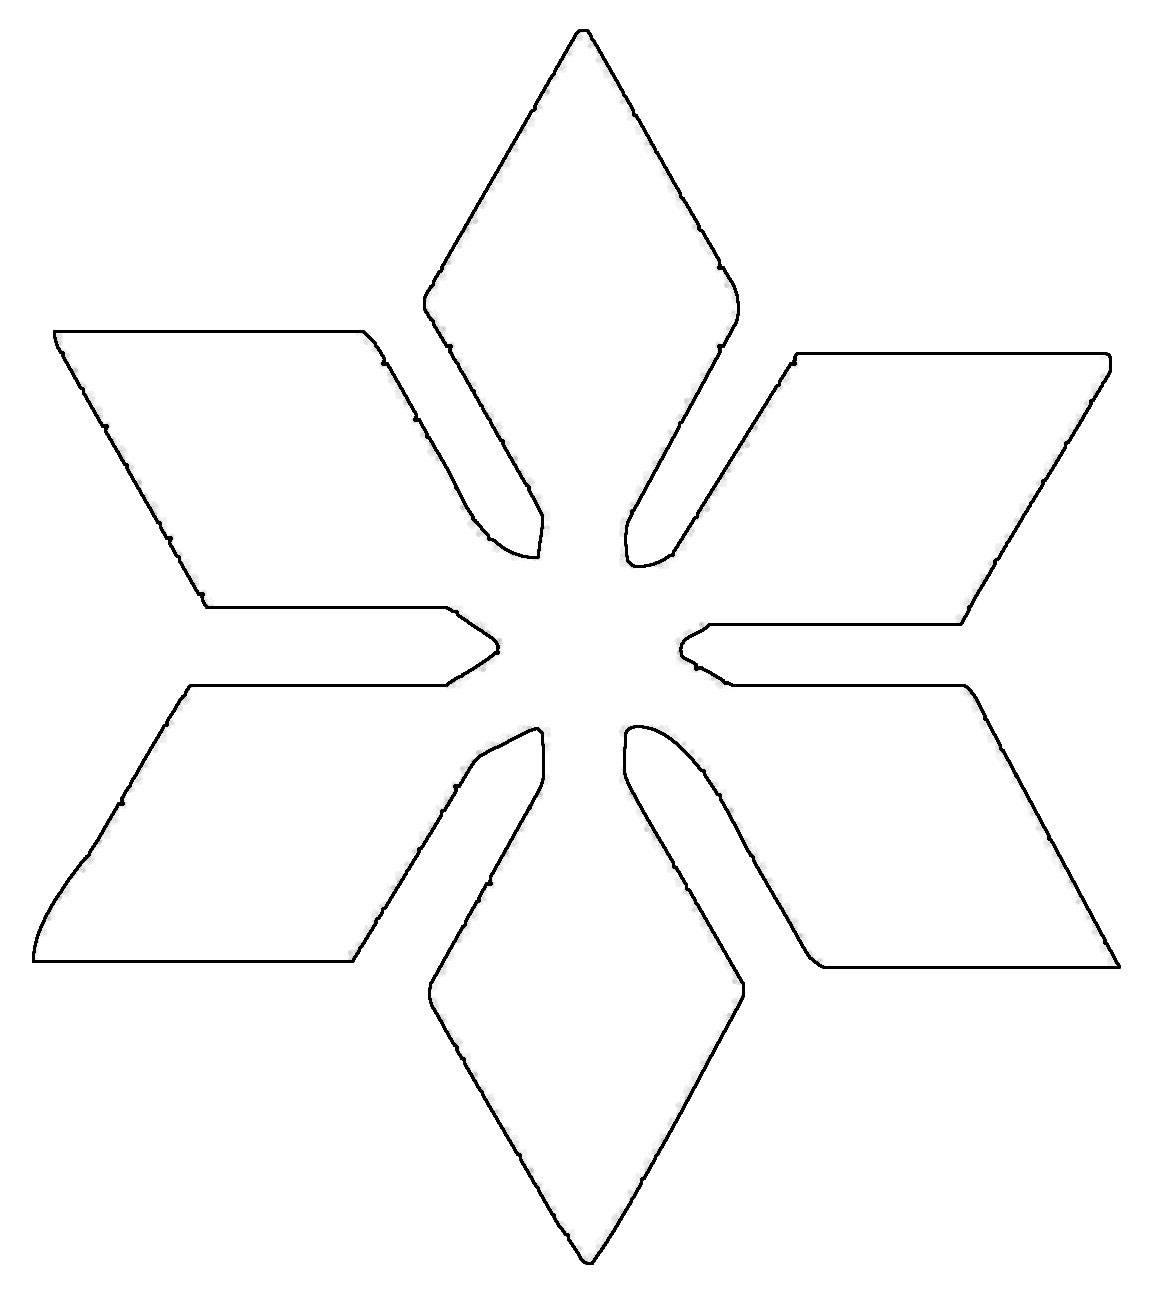 Malvorlagen Stern  Kostenlose Malvorlage Schneeflocken und Sterne Stern 8